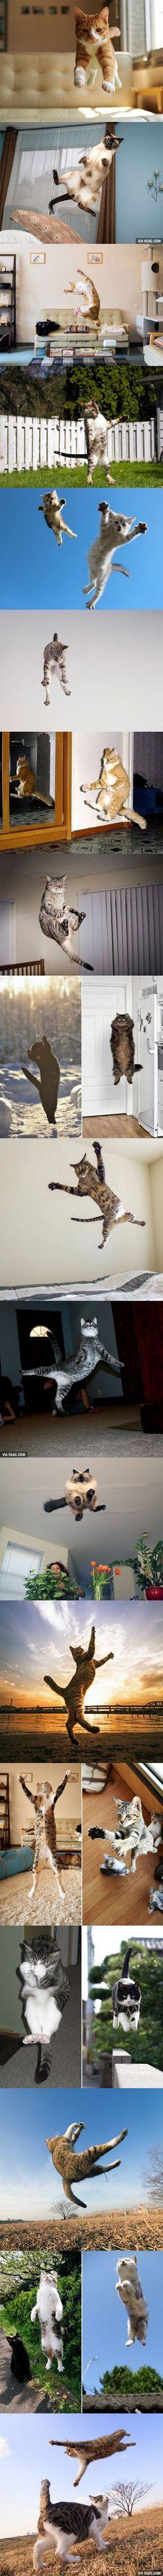 Uçan kedilerrr